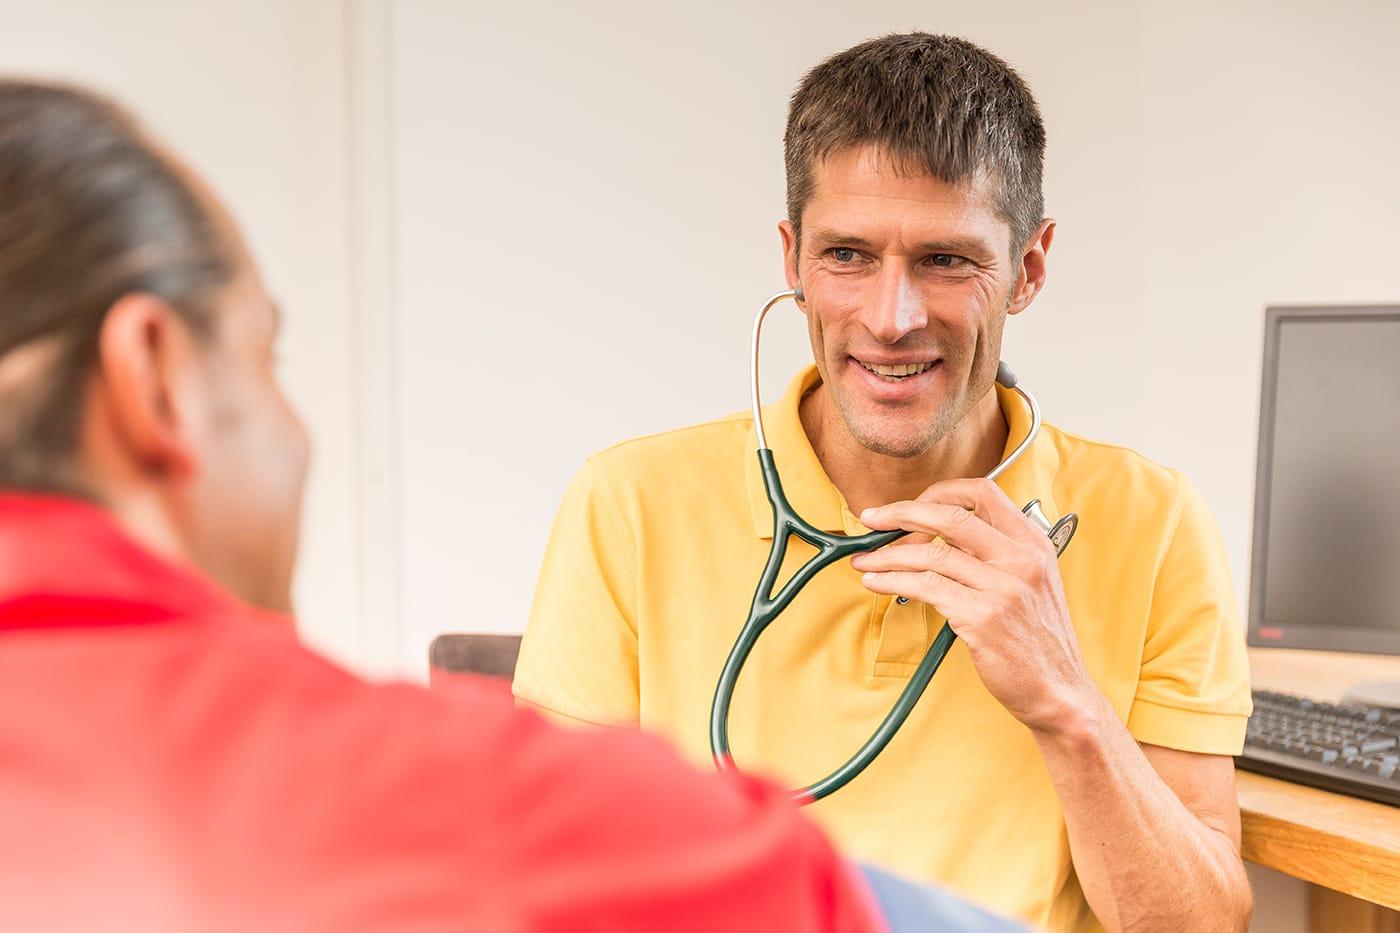 Internist Stethoskop Arzt